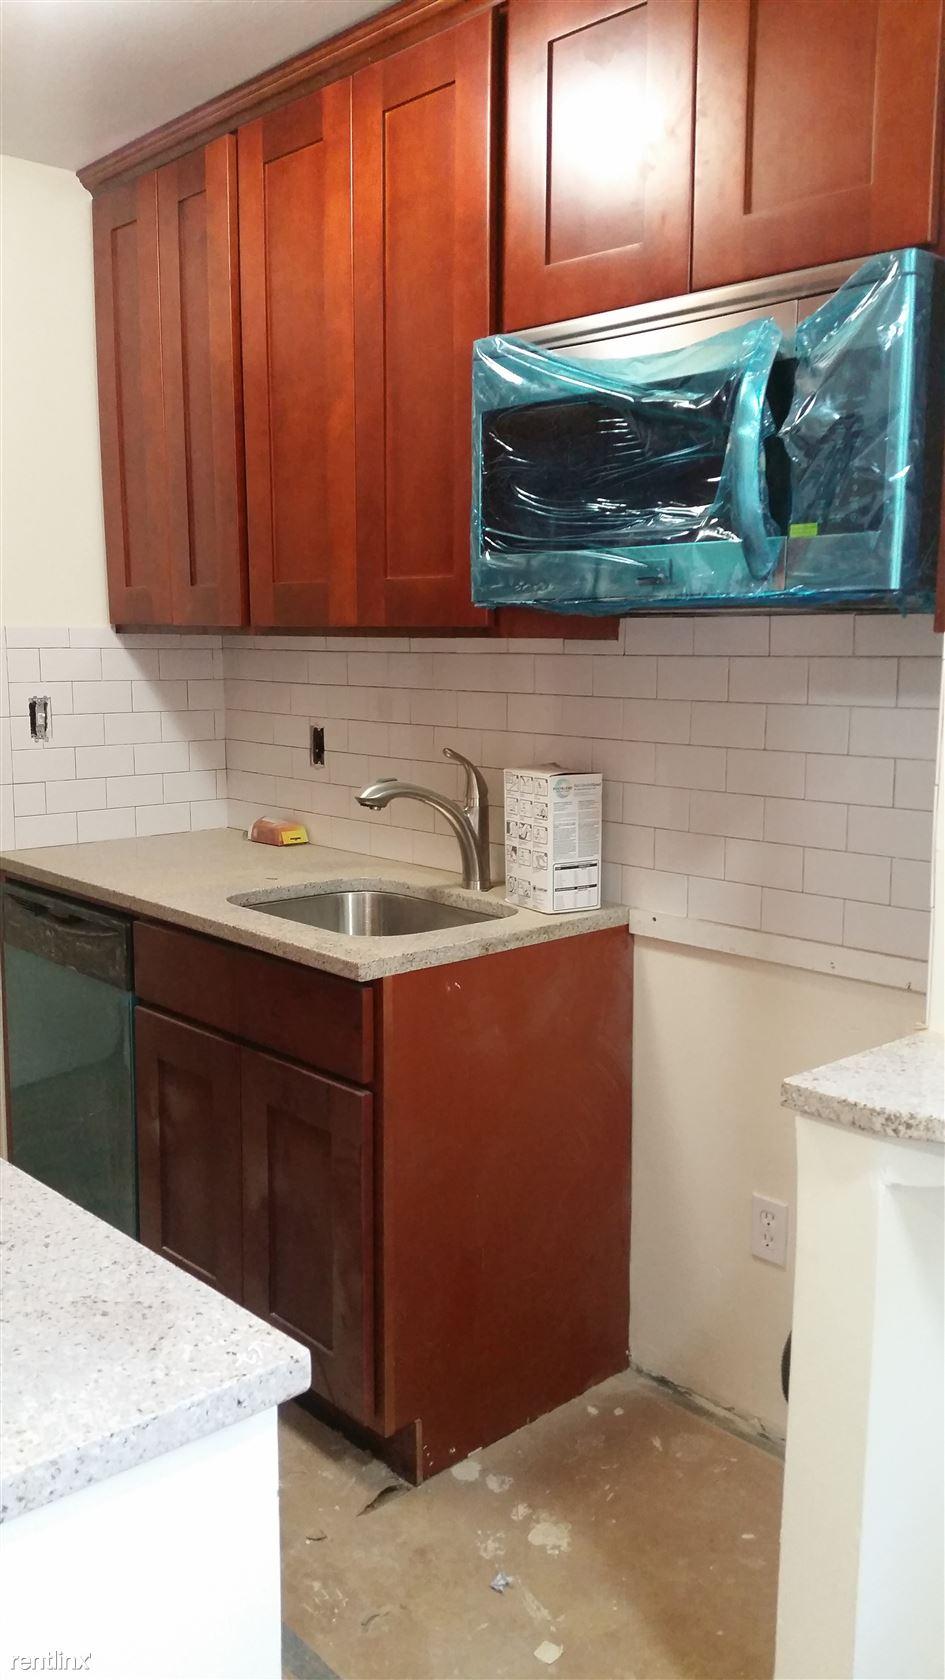 35 E Hartsdale Ave, Hartsdale, NY - $1,950